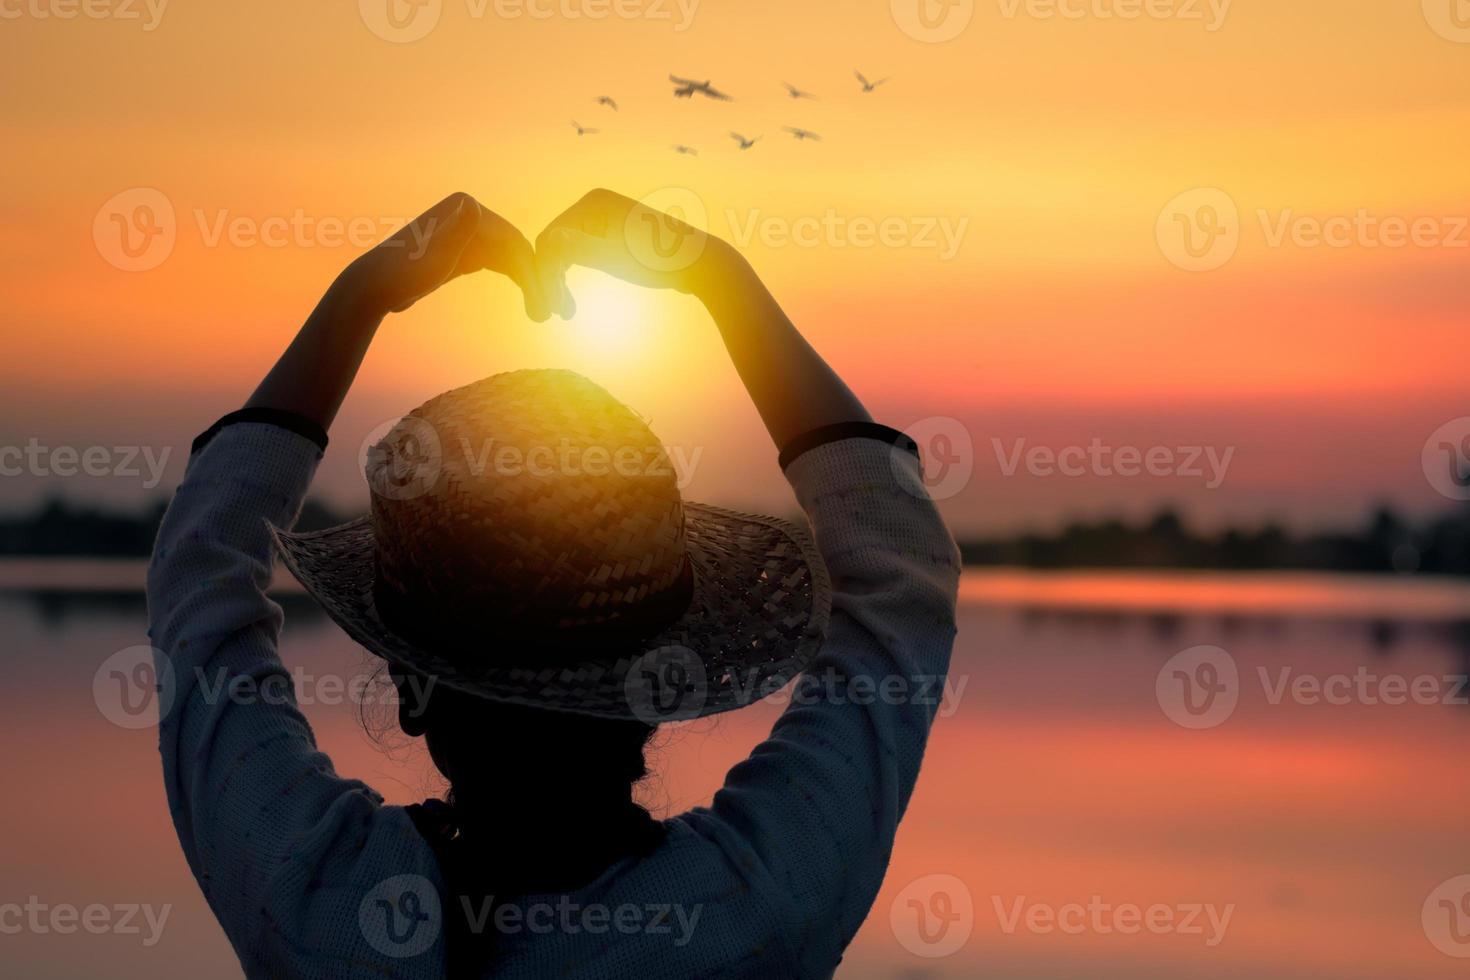 Liebe und glückliches Konzept, Silhouette der Frauen machen Herzform im Sonnenuntergang foto